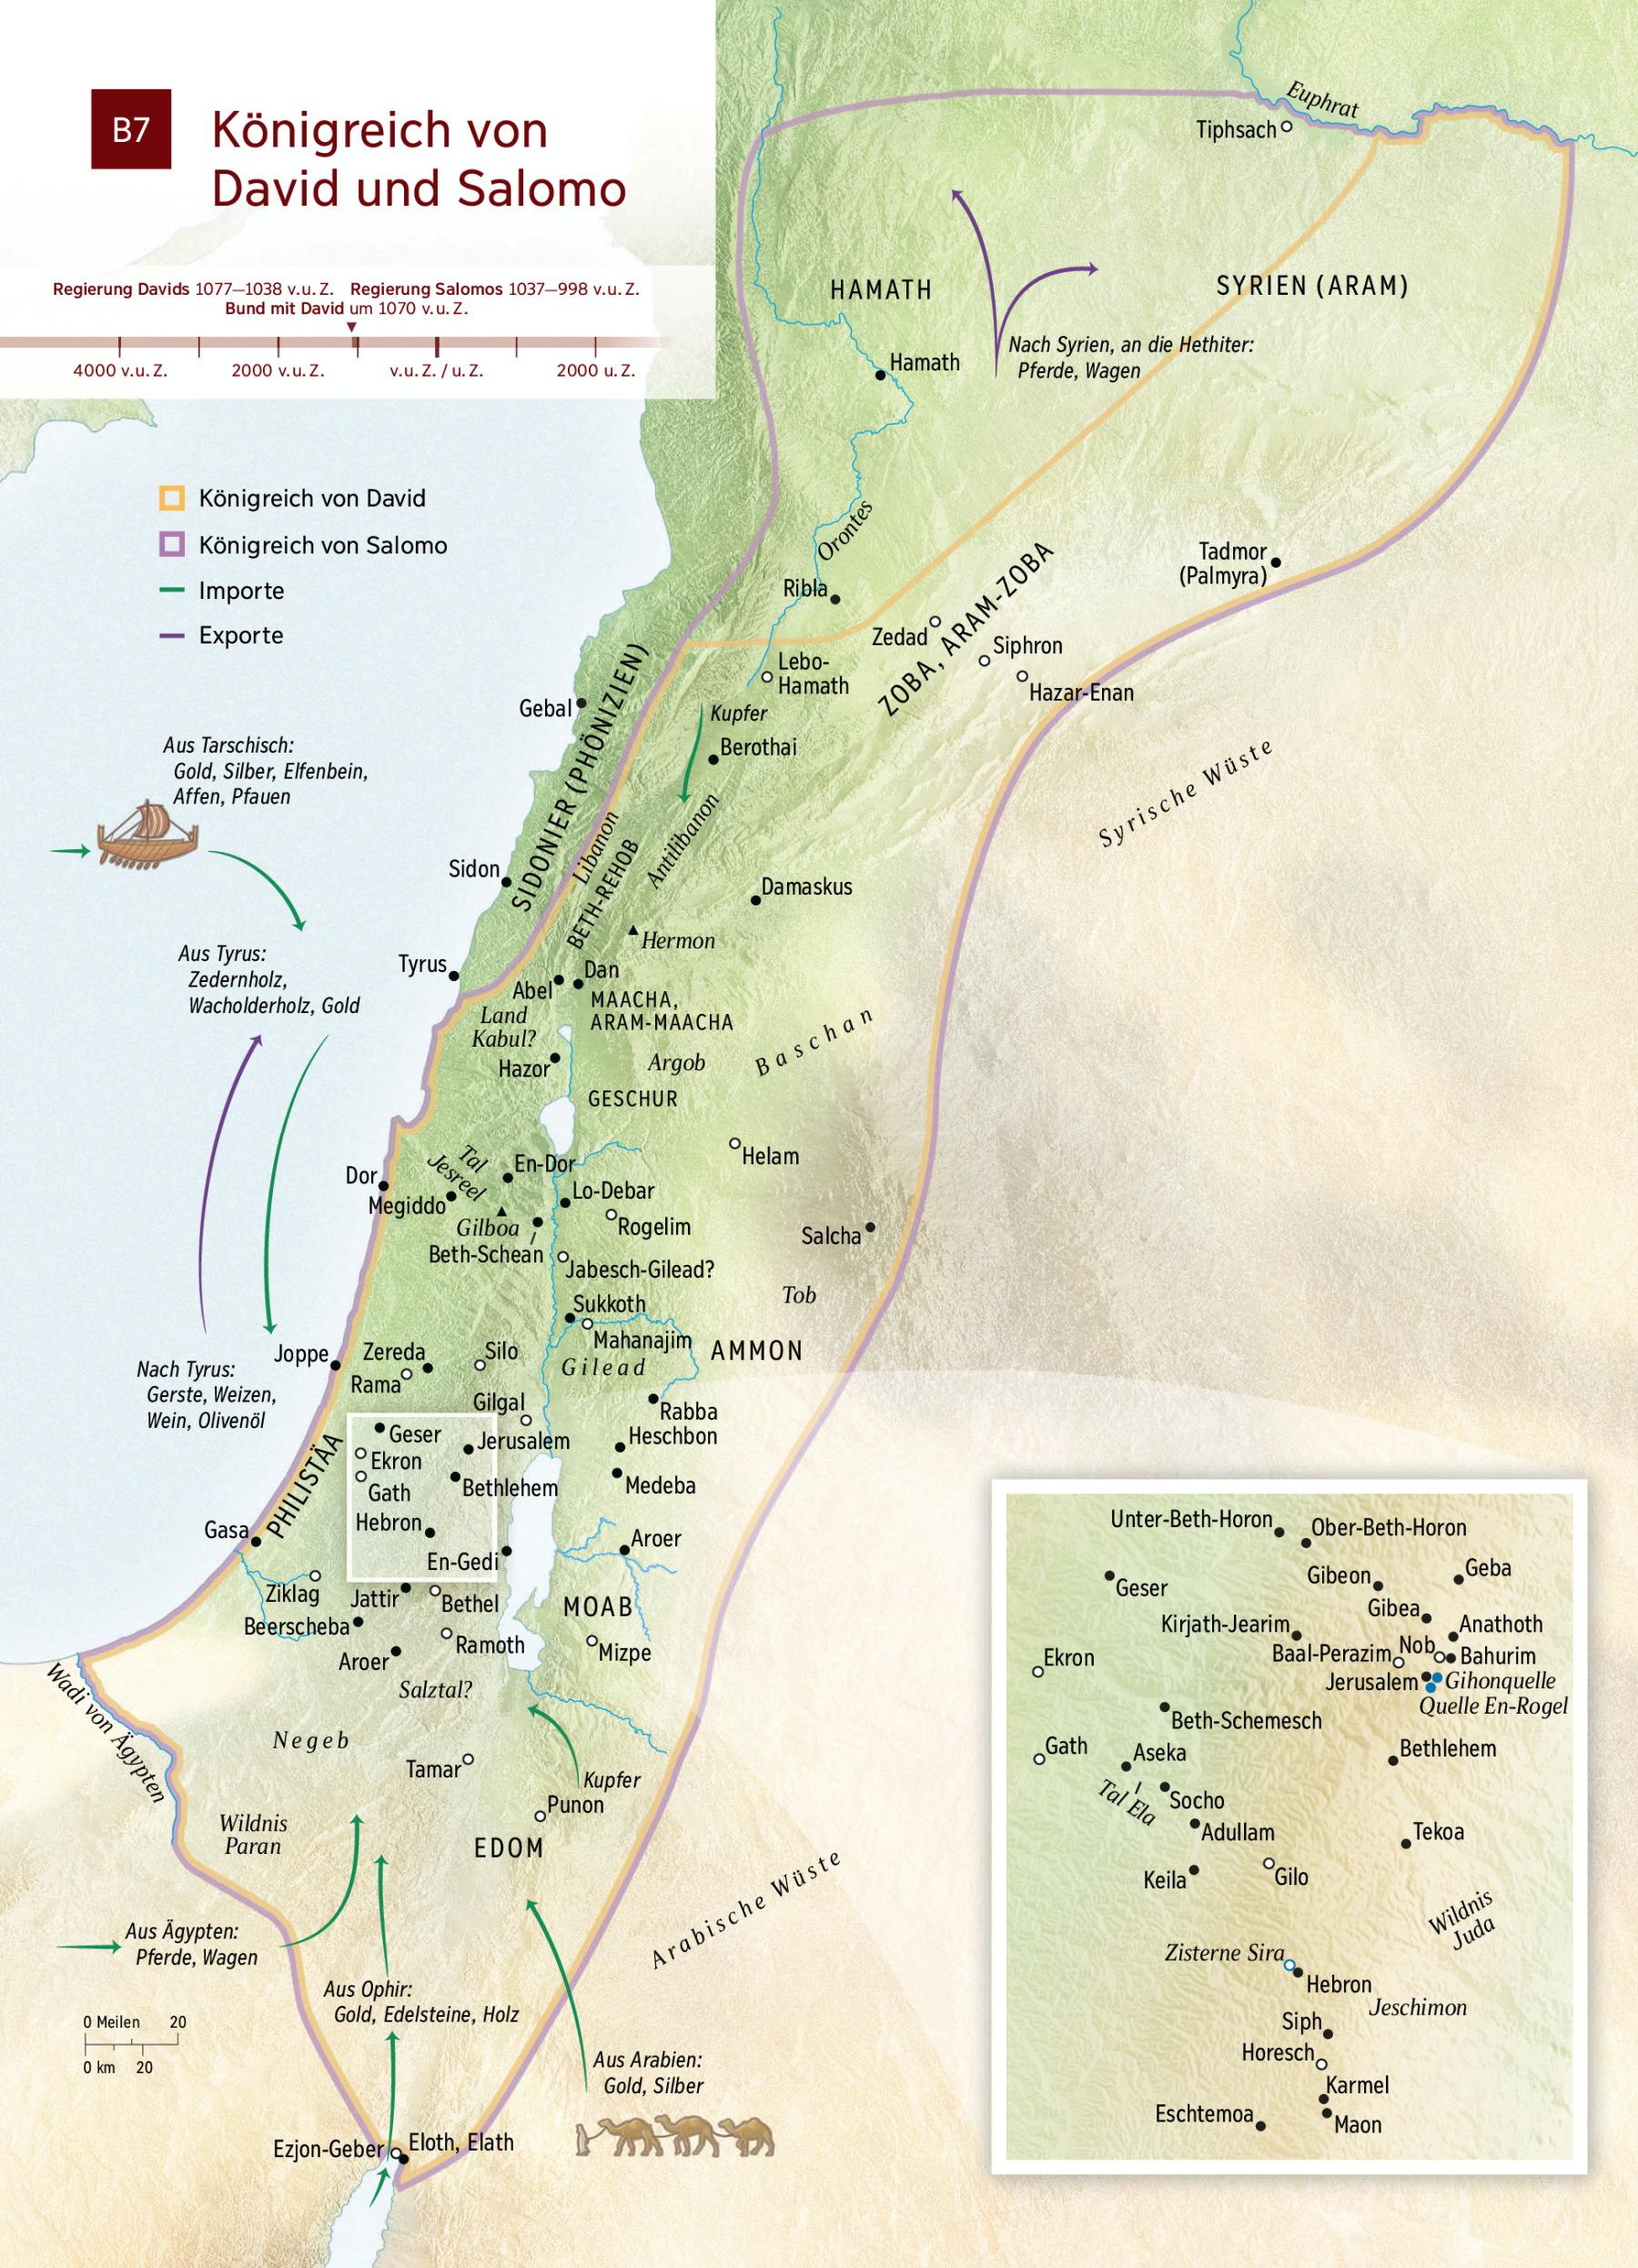 Zur für israel landkarte zeit kinder jesu Missstände in